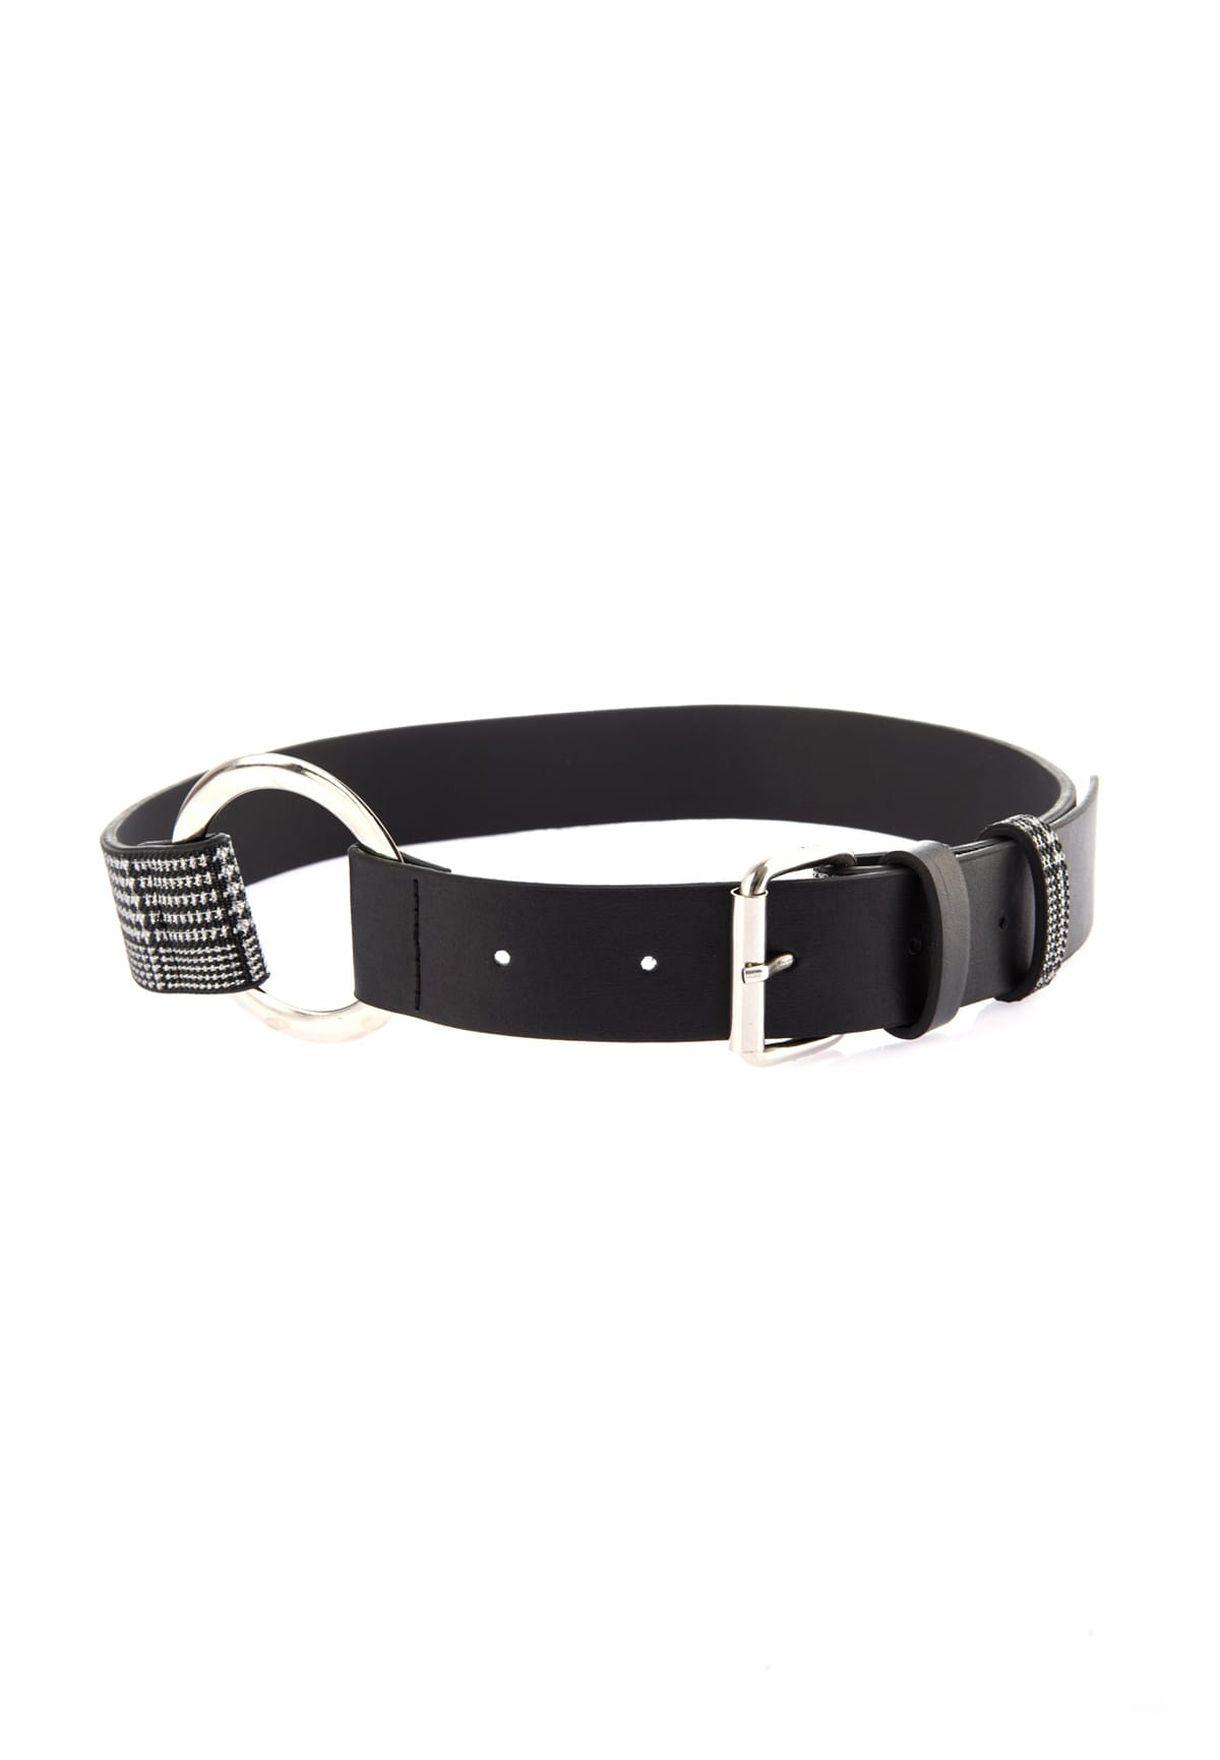 Double Buckle Long Belt